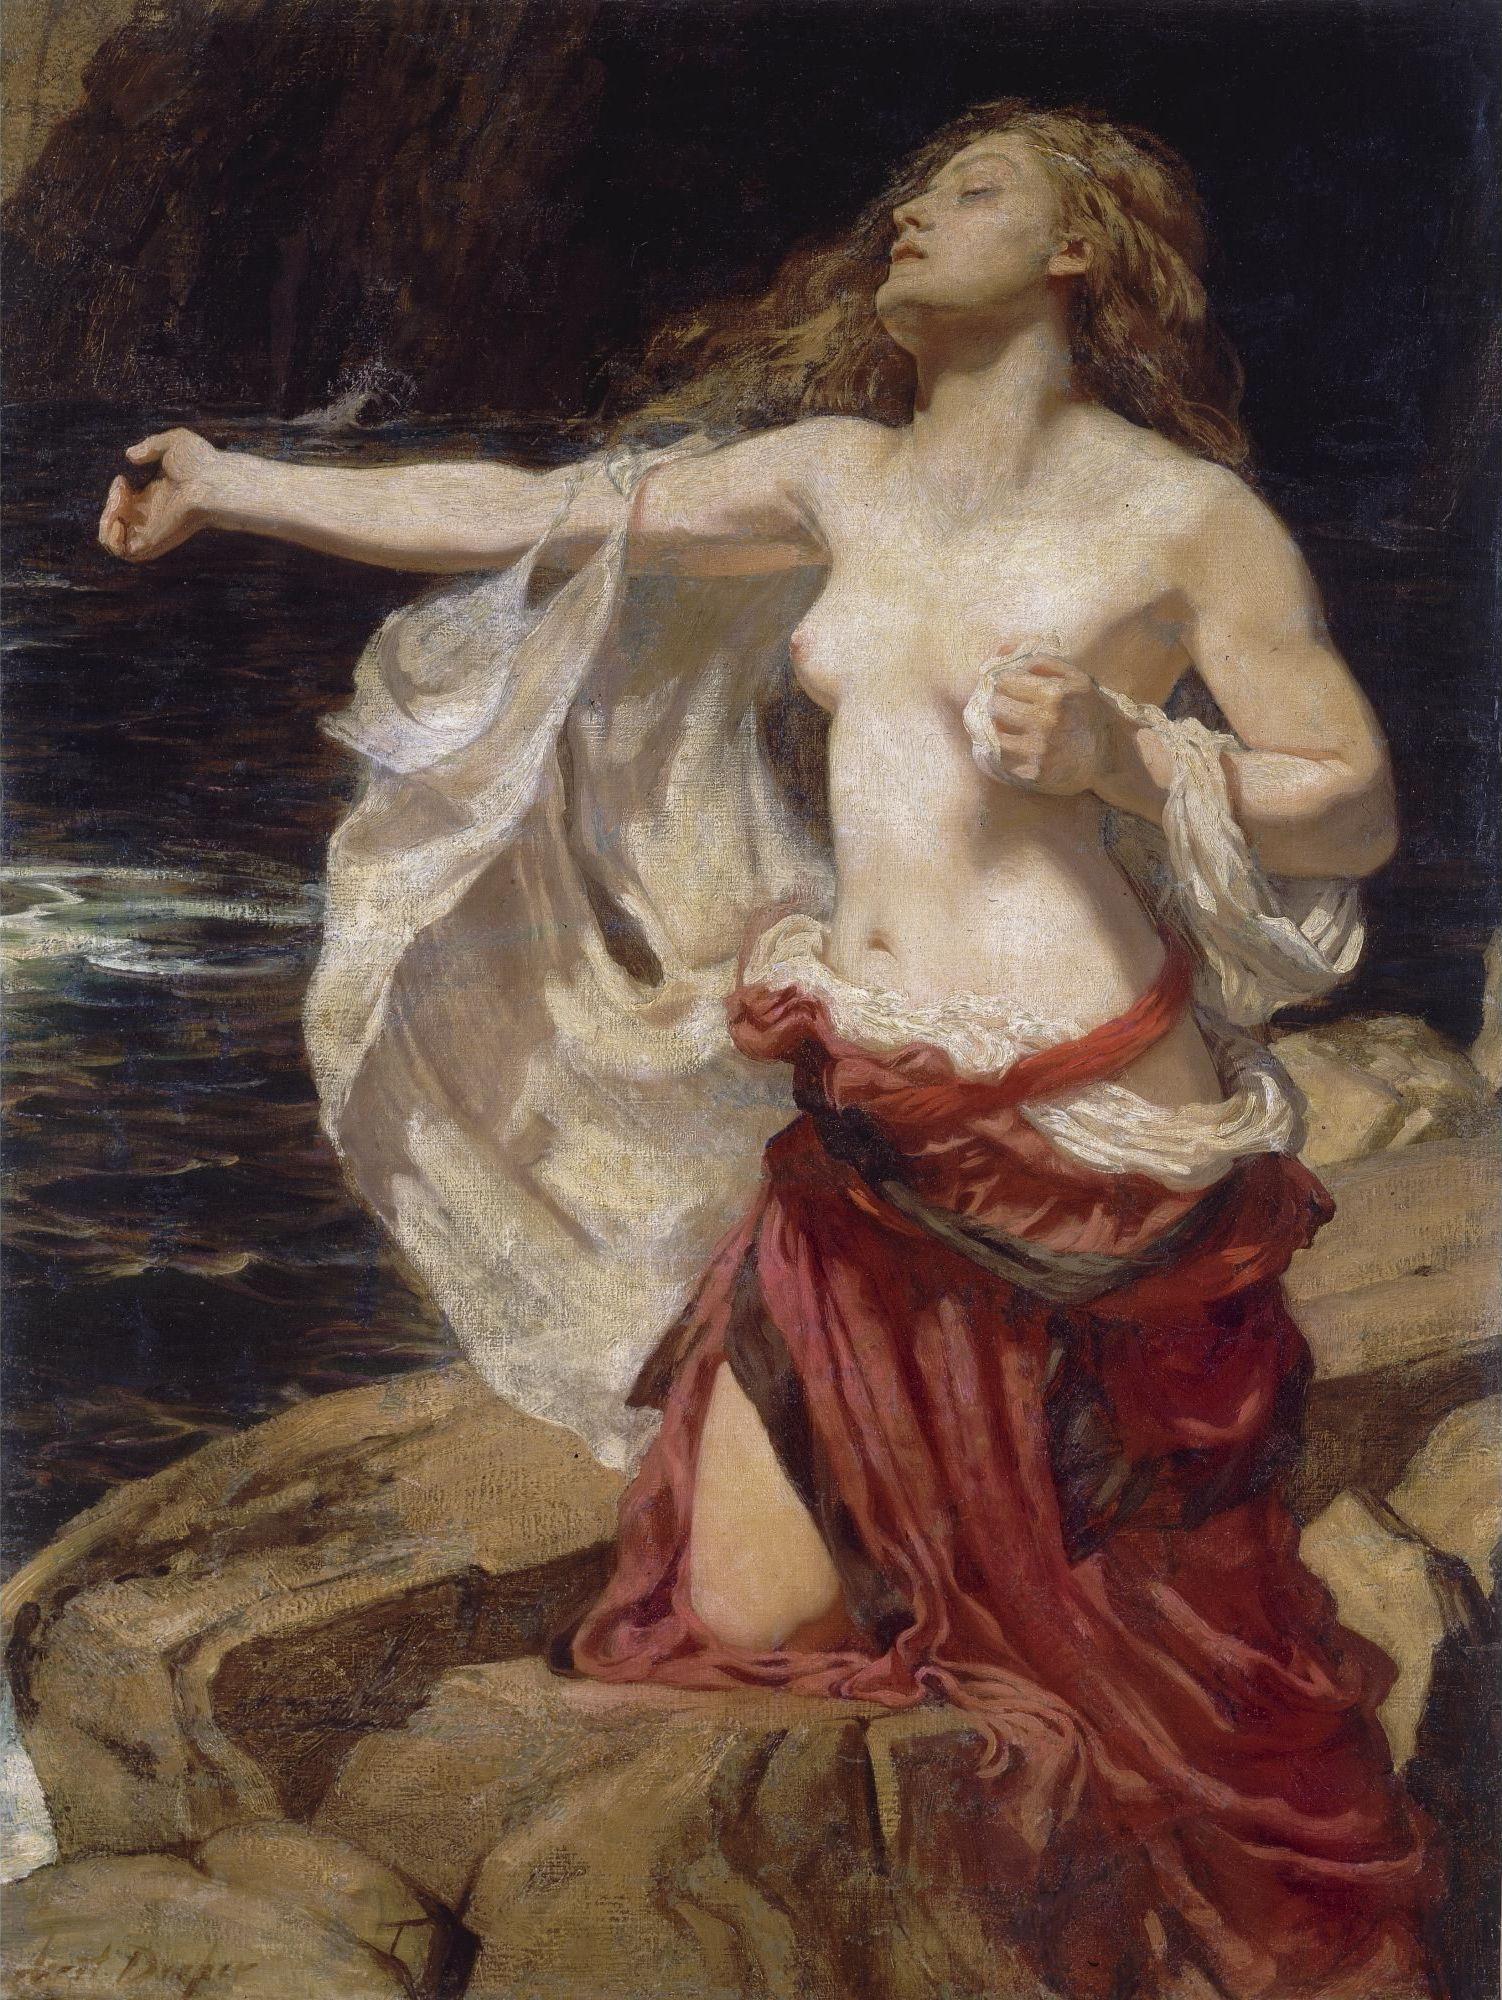 Herbert_James_Draper,_Ariadne